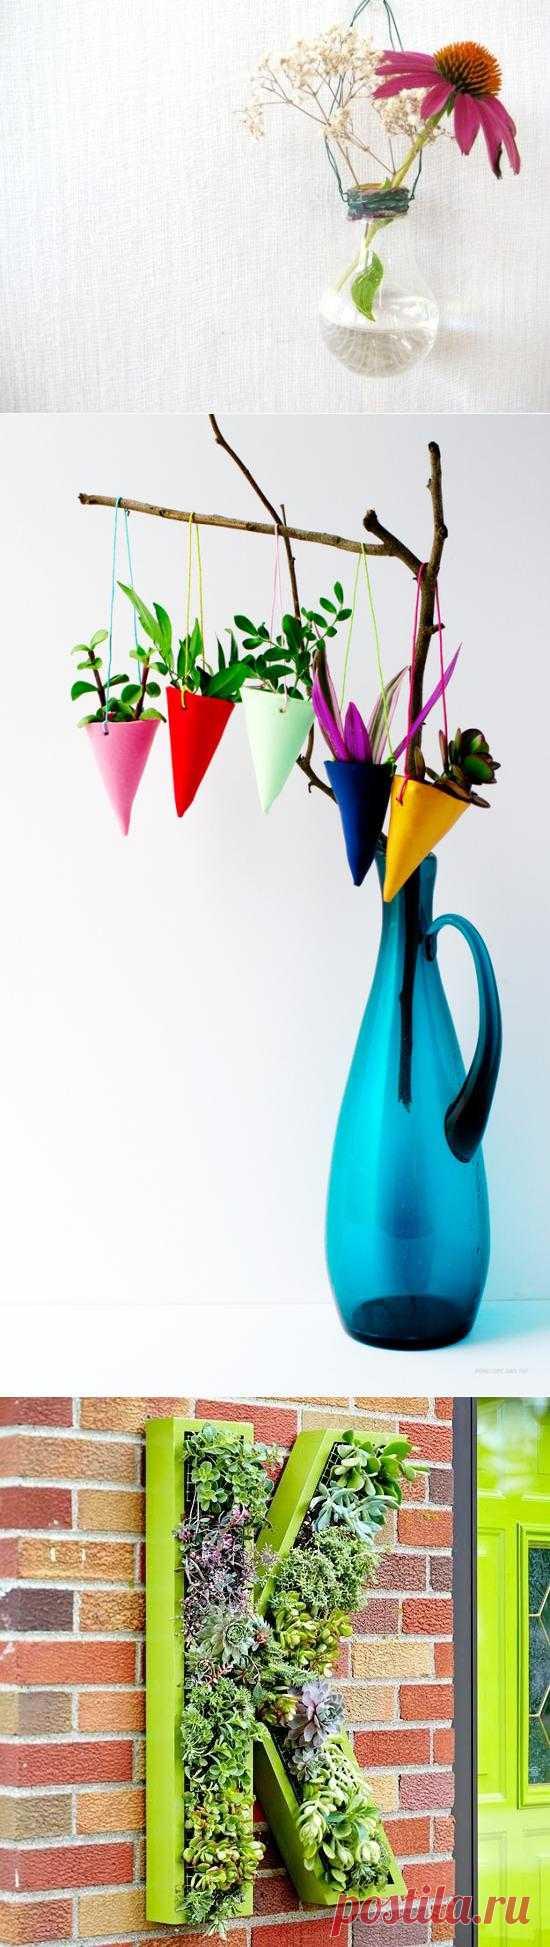 Что делать с многочисленными цветами дома